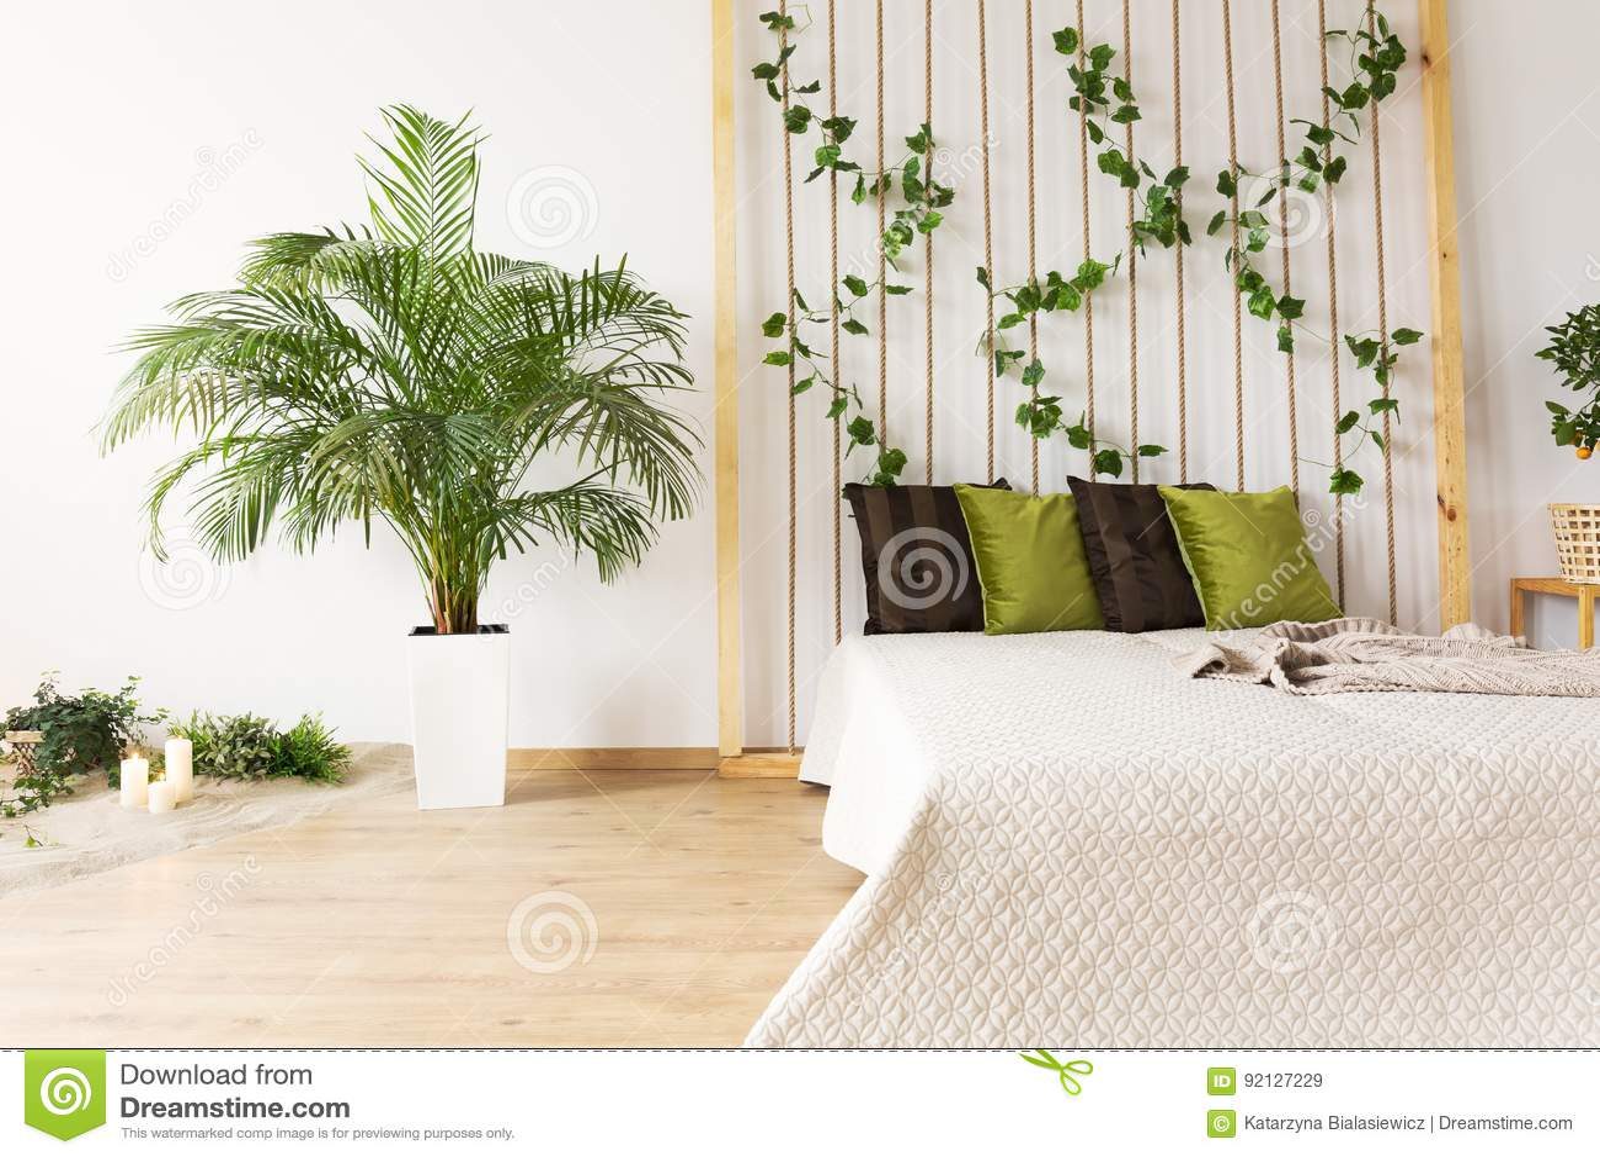 Pianta Camera Da Letto Matrimoniale : Camera da letto vaga con la pianta decorativa immagine stock